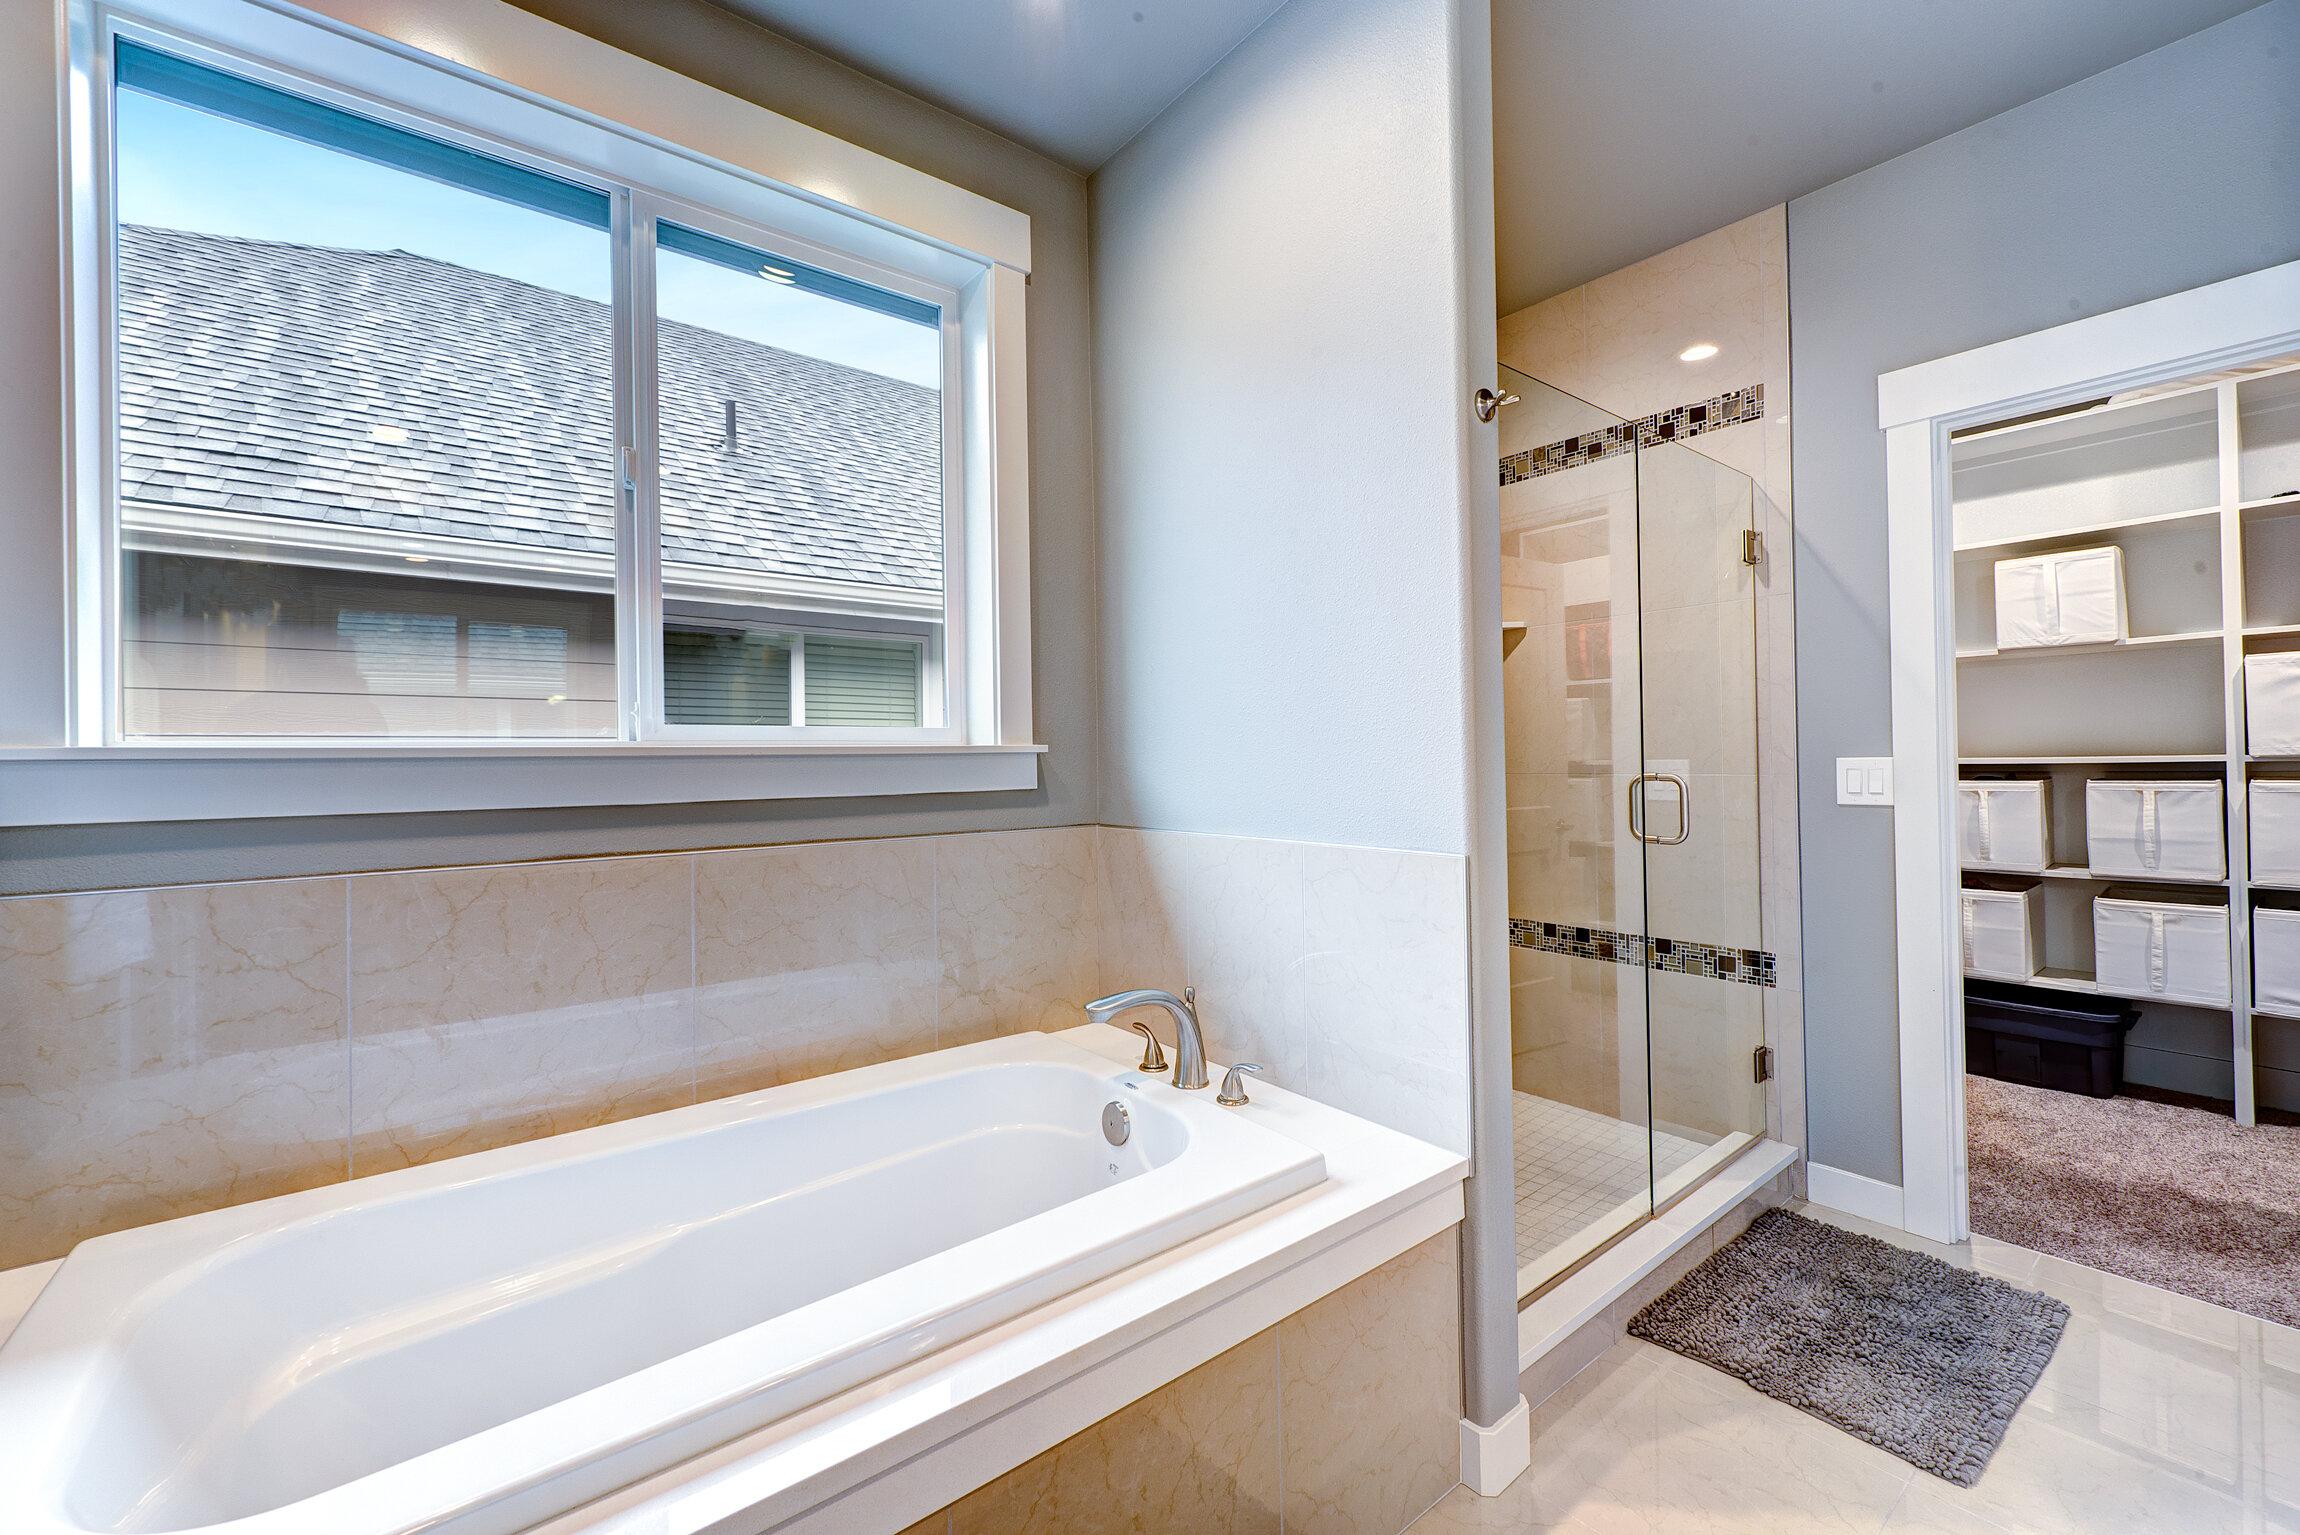 8d-master-bath-tub-shwr.jpg